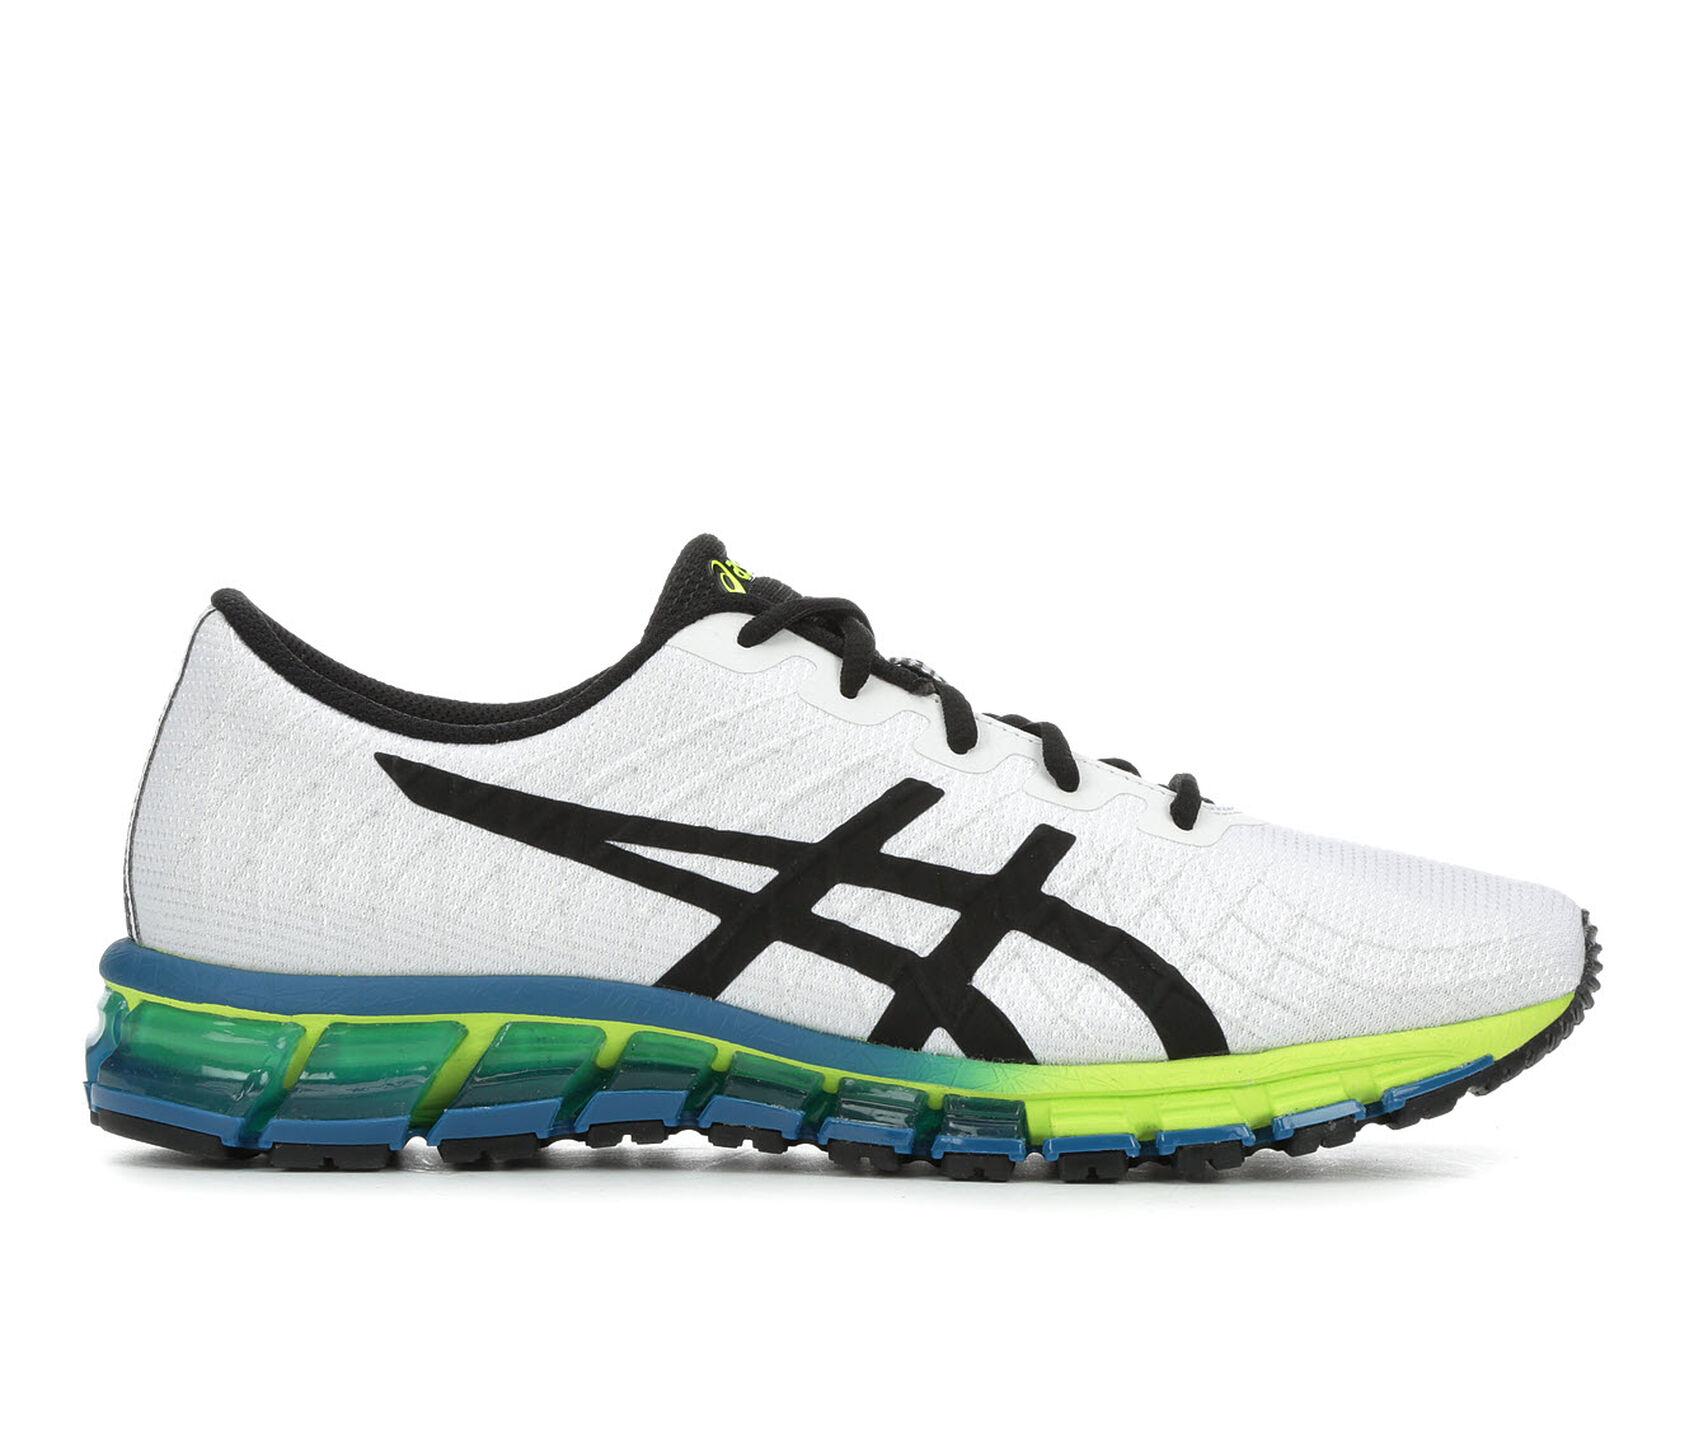 la moitié 72ccb 88151 Men's ASICS Gel Quantum 180 4 - M Running Shoes